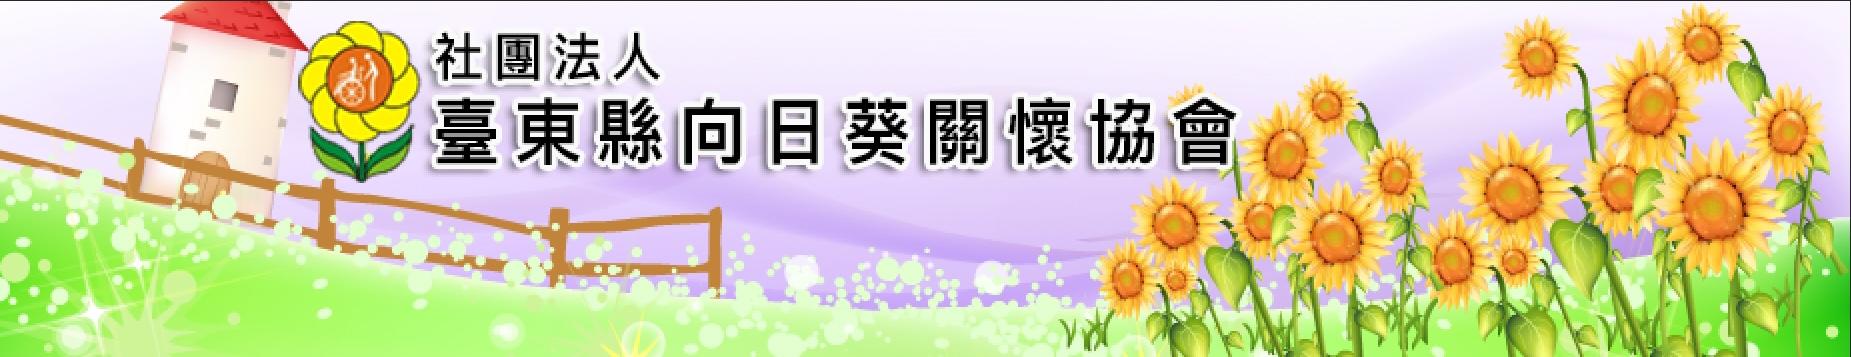 社團法人台東縣向日葵關懷協會上方形象圖